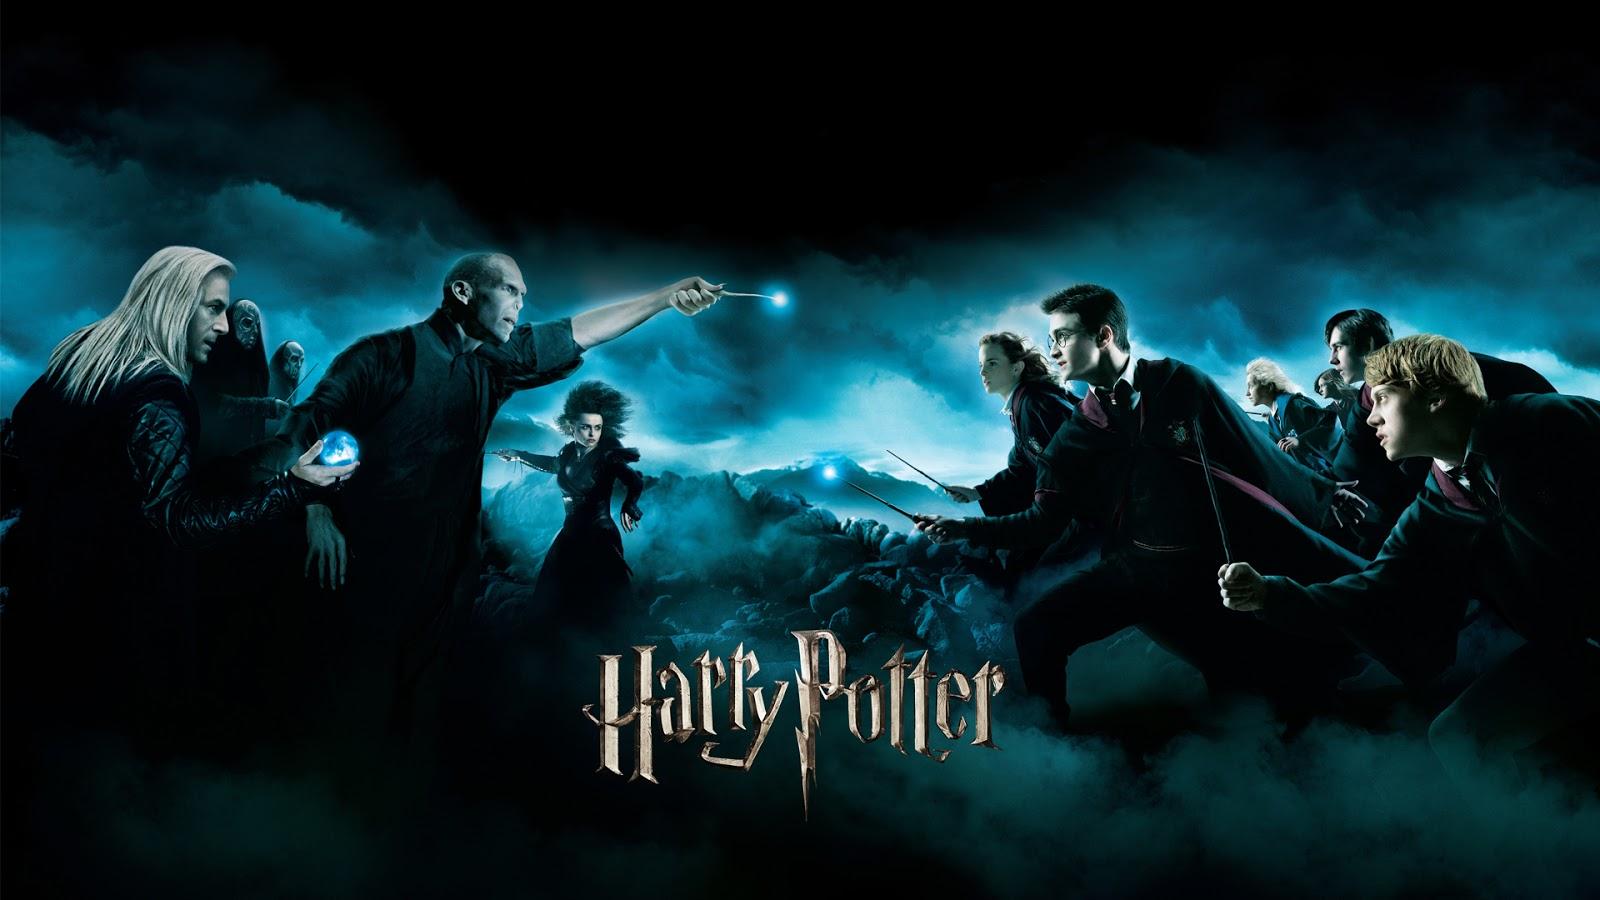 Harry Potter Wallpaper Background ~ Sdeerwallpaper